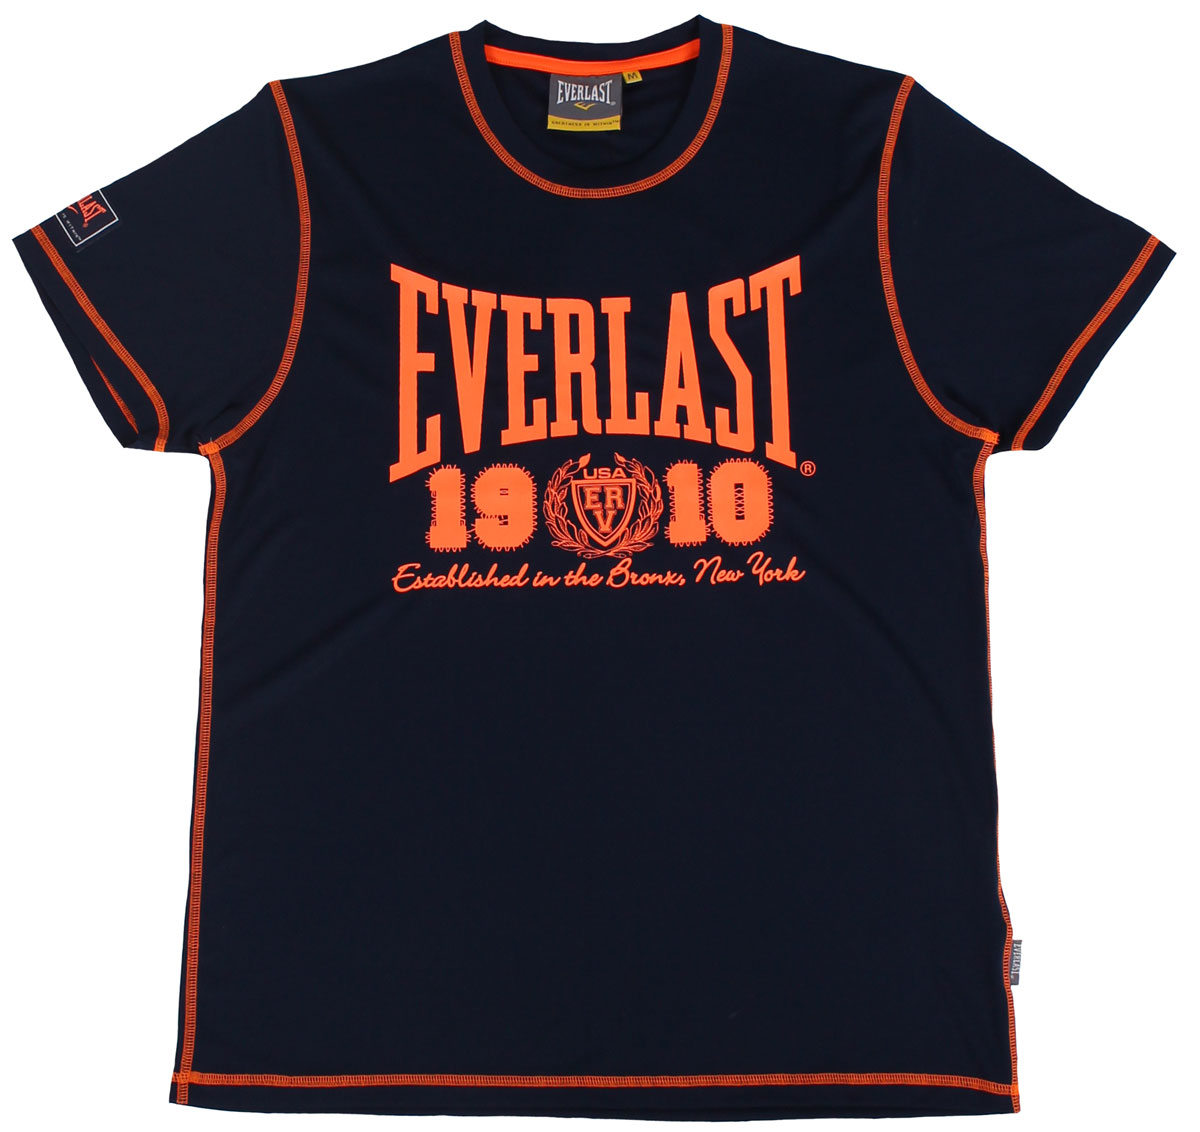 Футболка мужская Everlast Sports Brights, цвет: синий. EVR8850. Размер XXL (54/56)EVR8850Симпатичная мужская футболка Everlast выполнена из гладкого трикотажа с контрастной отстрочкой, обеспечит вам комфорт при носке.Футболка прямого кроя с круглым вырезом горловины и короткими рукавами оформлена принтовой надписью. Эта замечательная футболка отлично подойдет для тренировок и повседневного ношения.